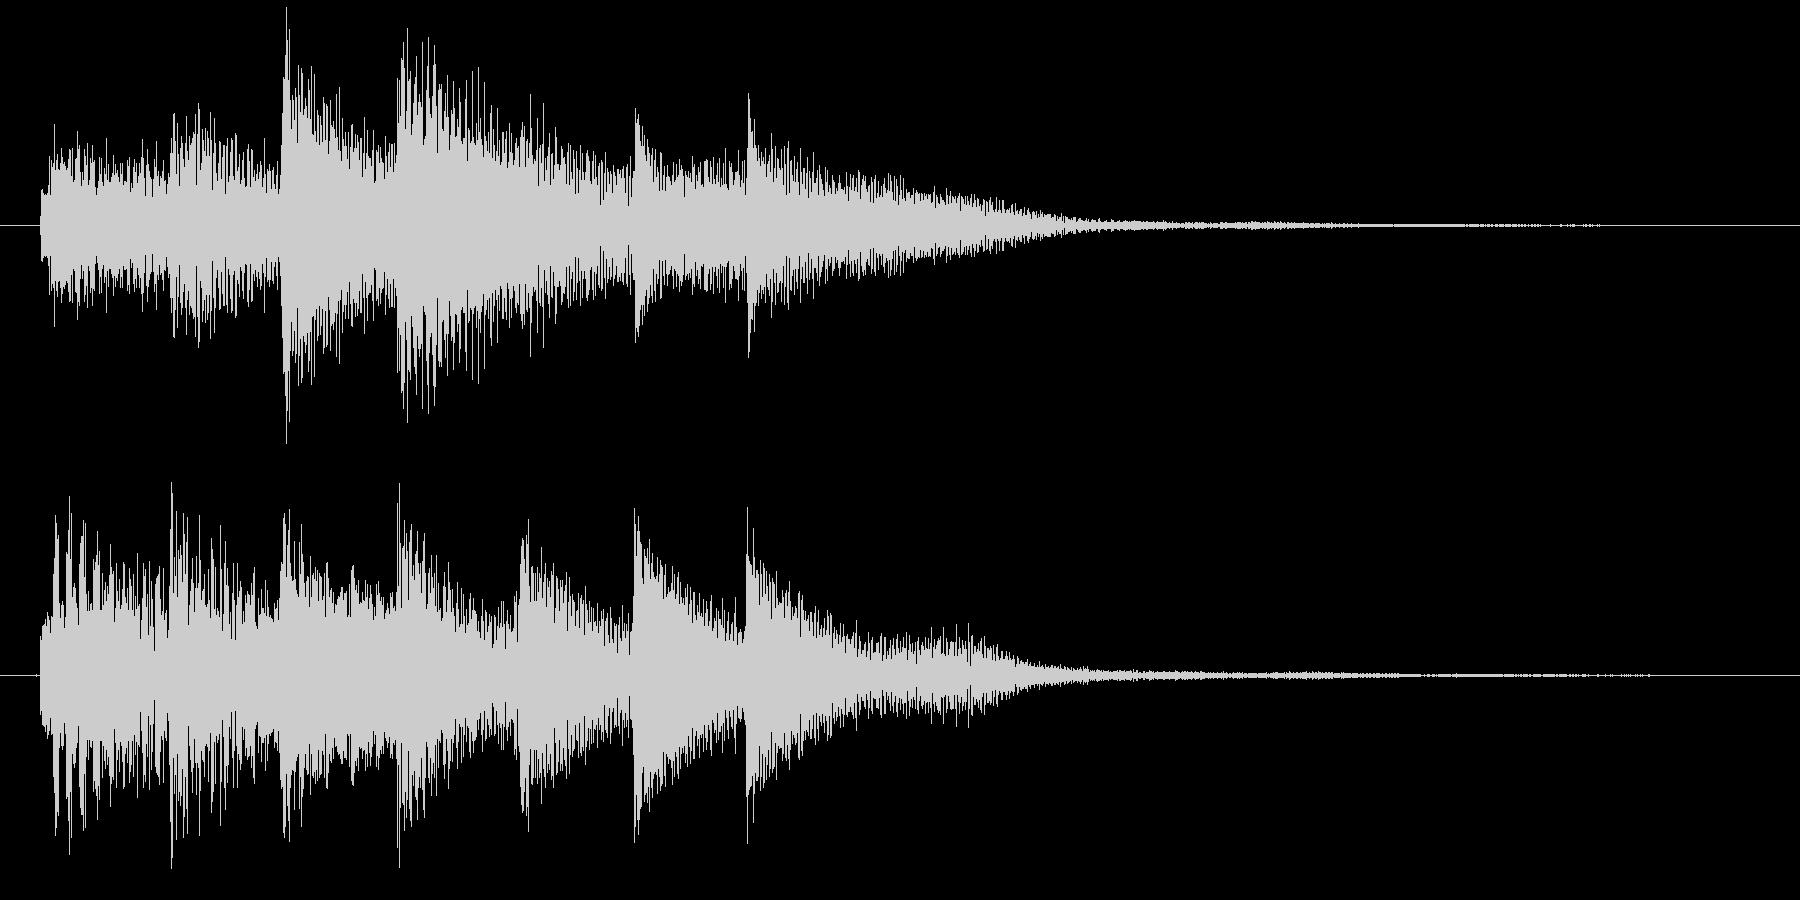 ピアノ転回音1の未再生の波形